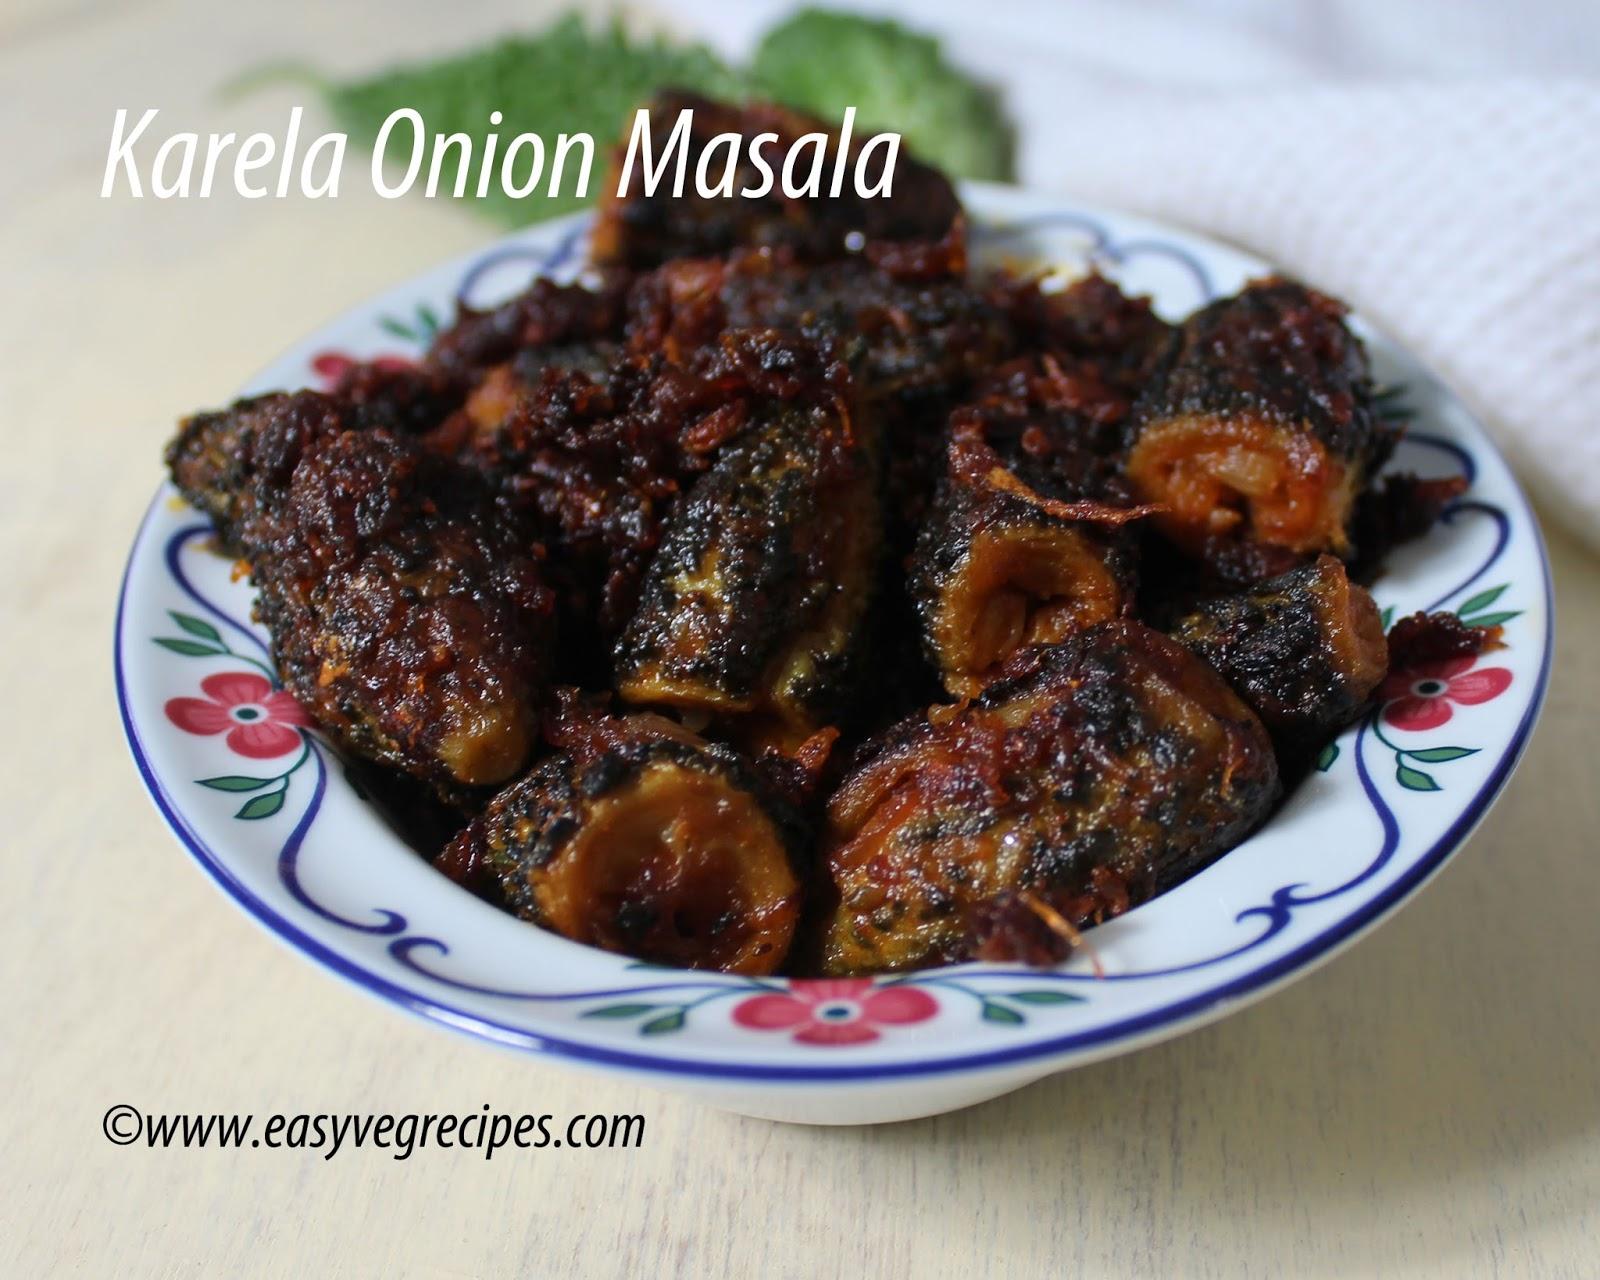 Karela Onion Masala